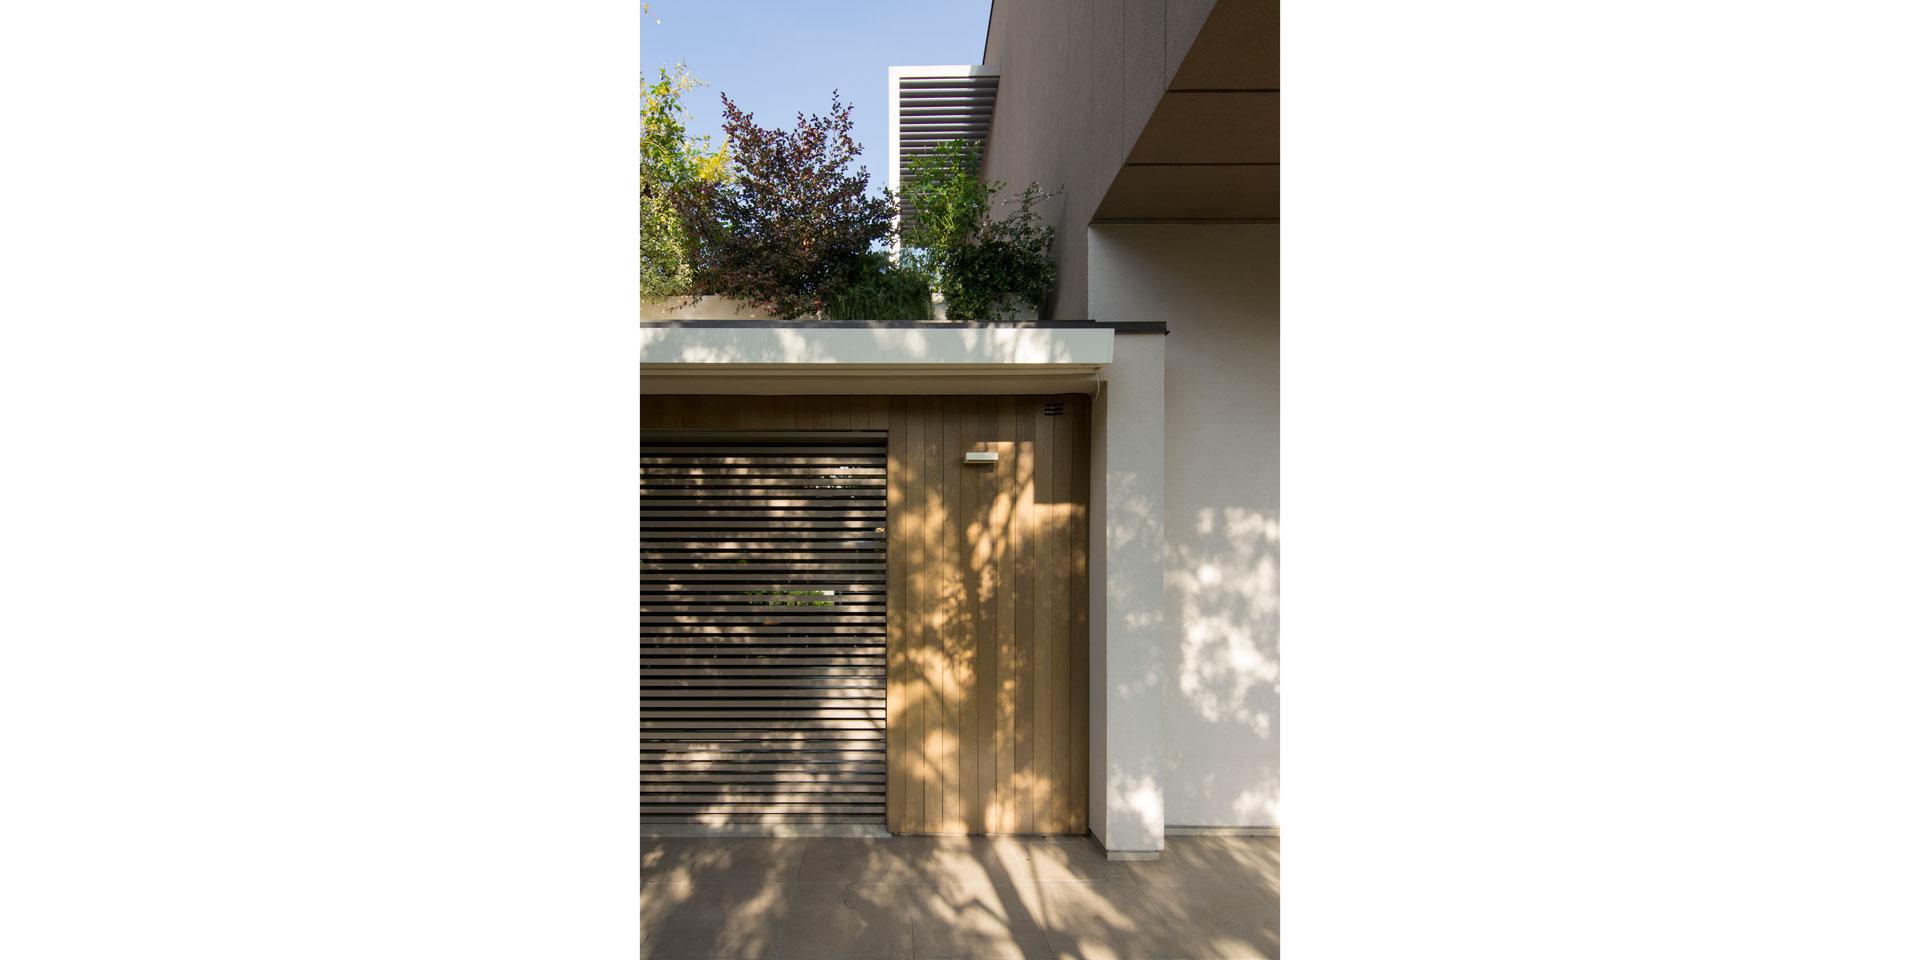 archinow_MAR_residenza-privata-rimini_06-1